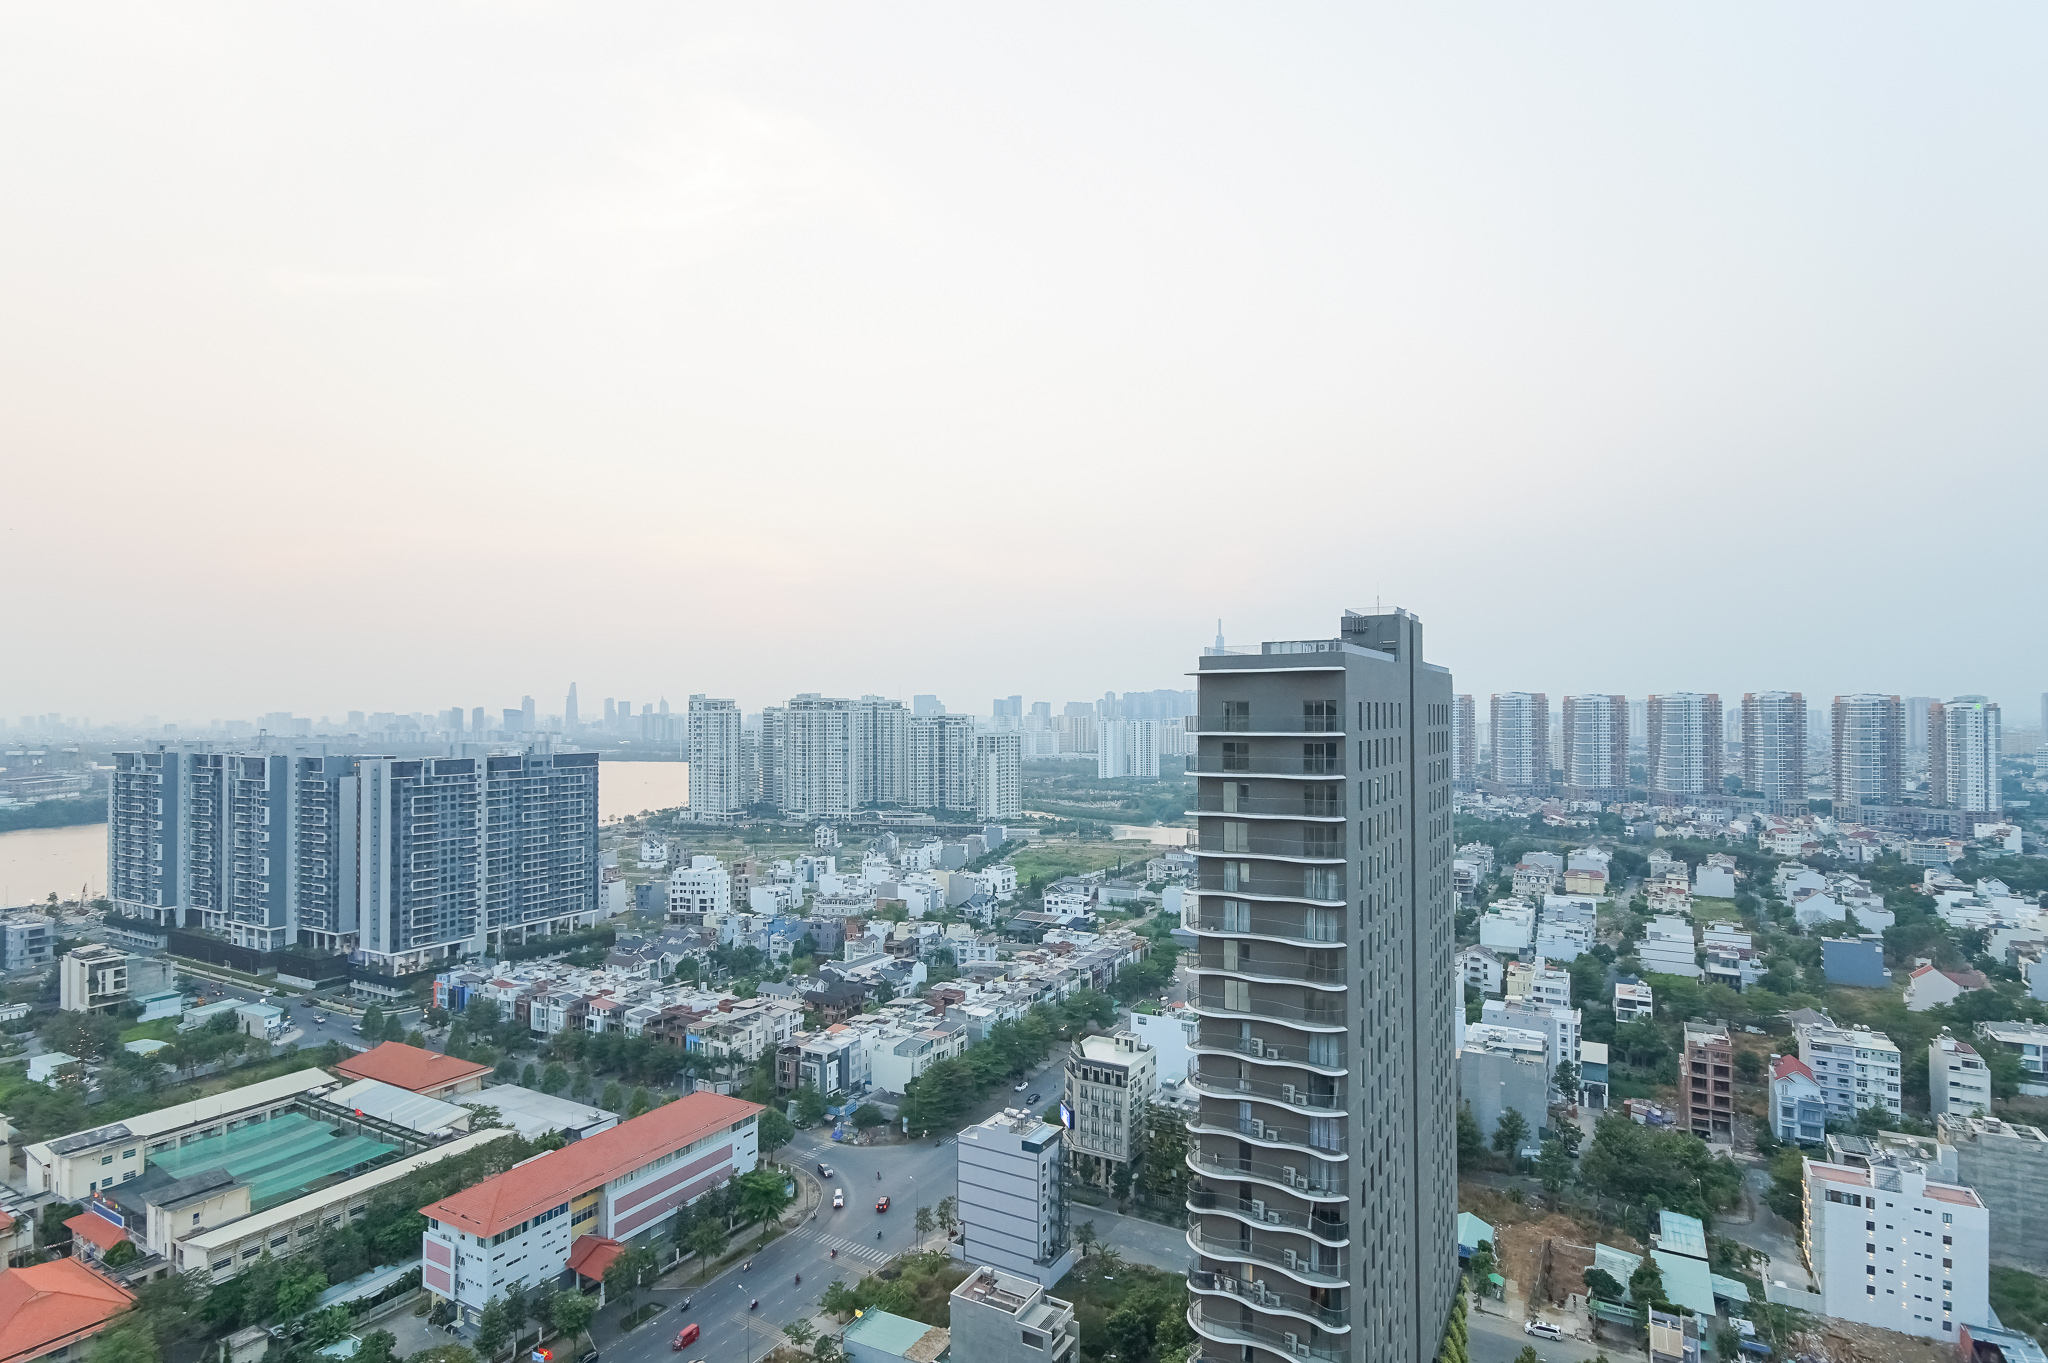 Cho Thuê Căn hộ 3 PN Feliz En Vista - Tầng Cao View Thoáng -17